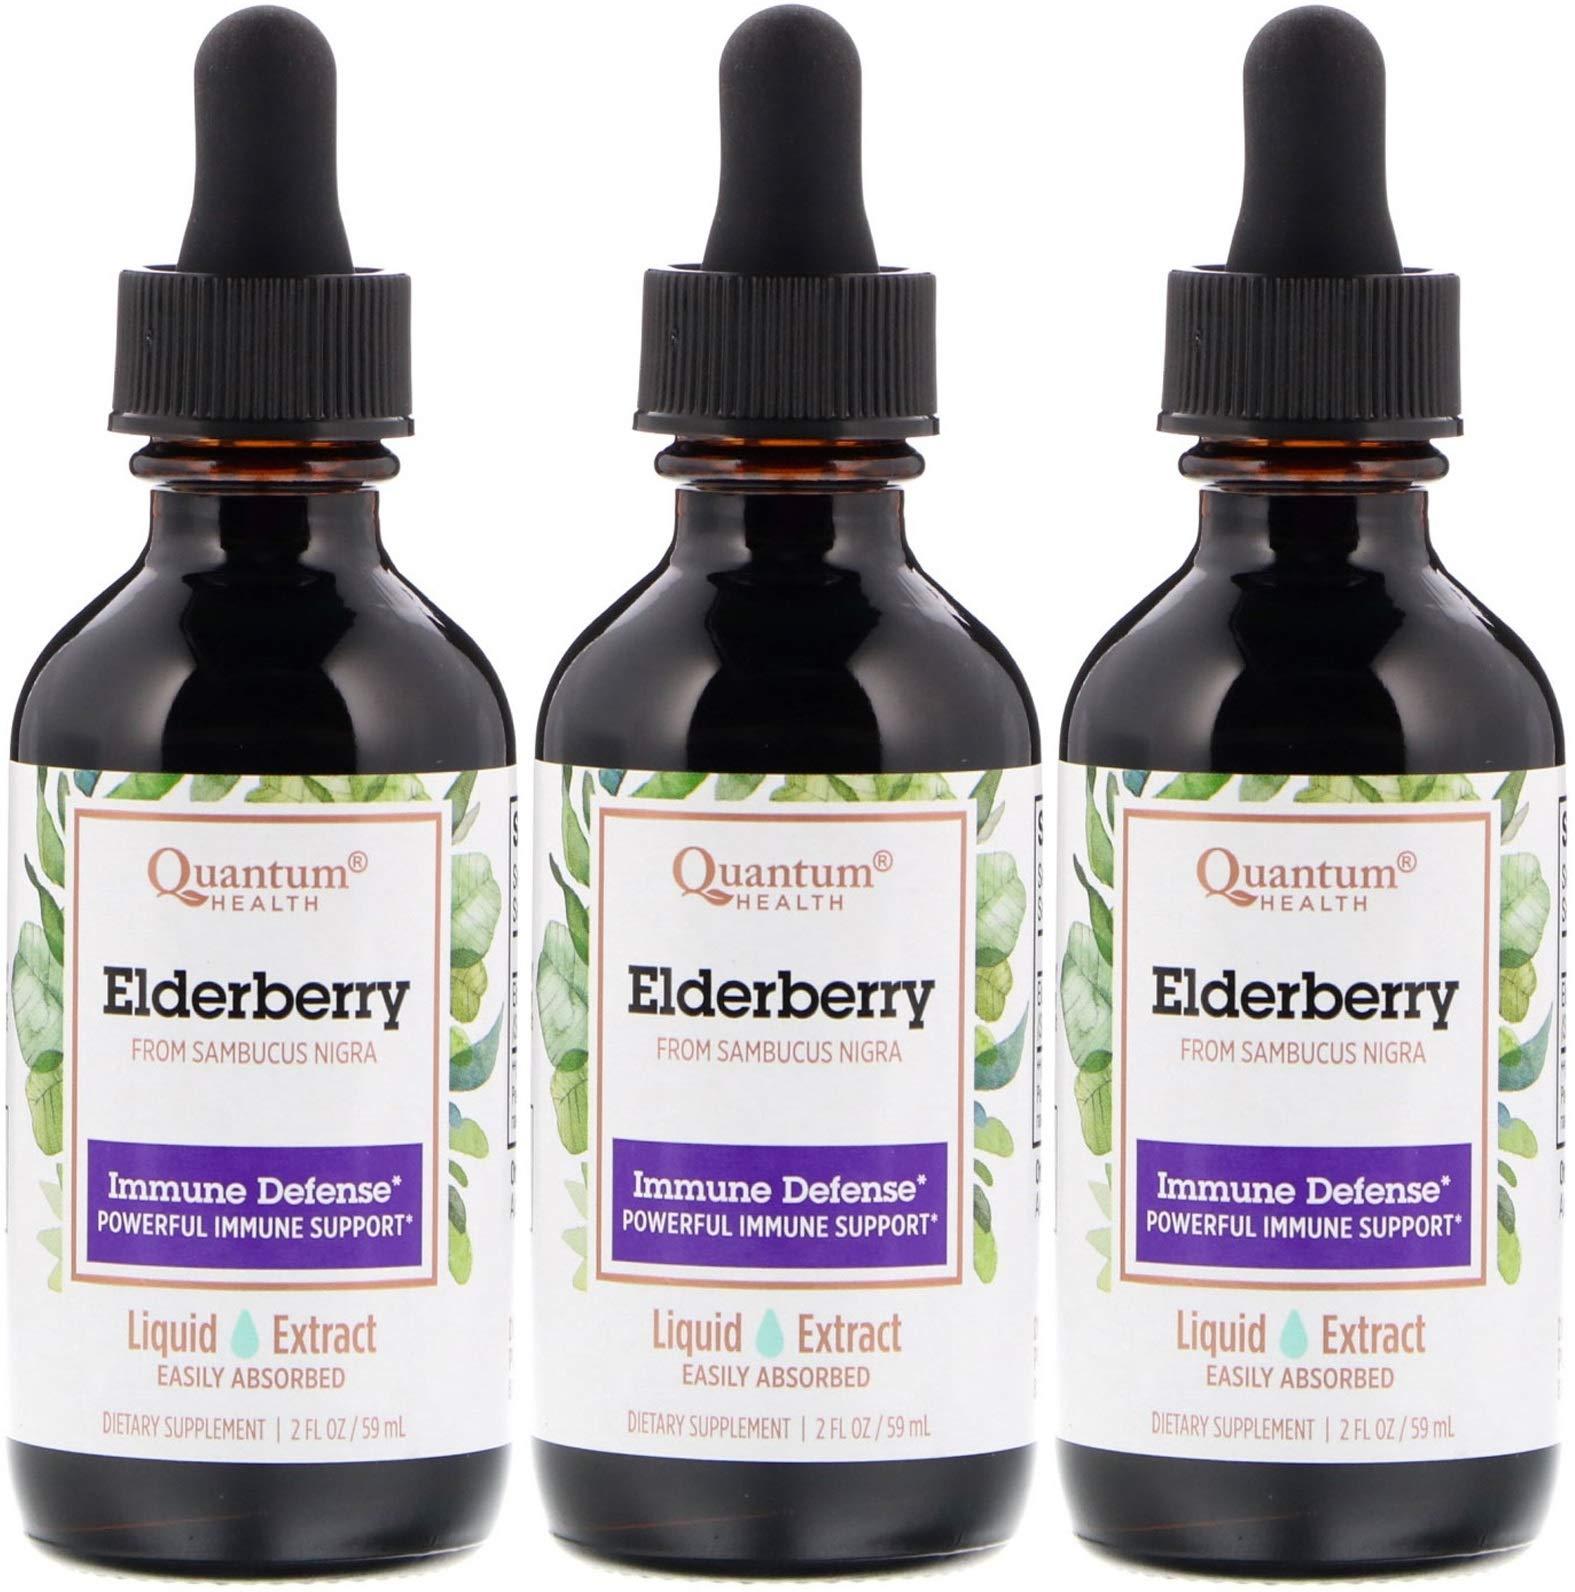 Quantum Elderberry Liquid Extract, 2 Ounce - 3 per case.